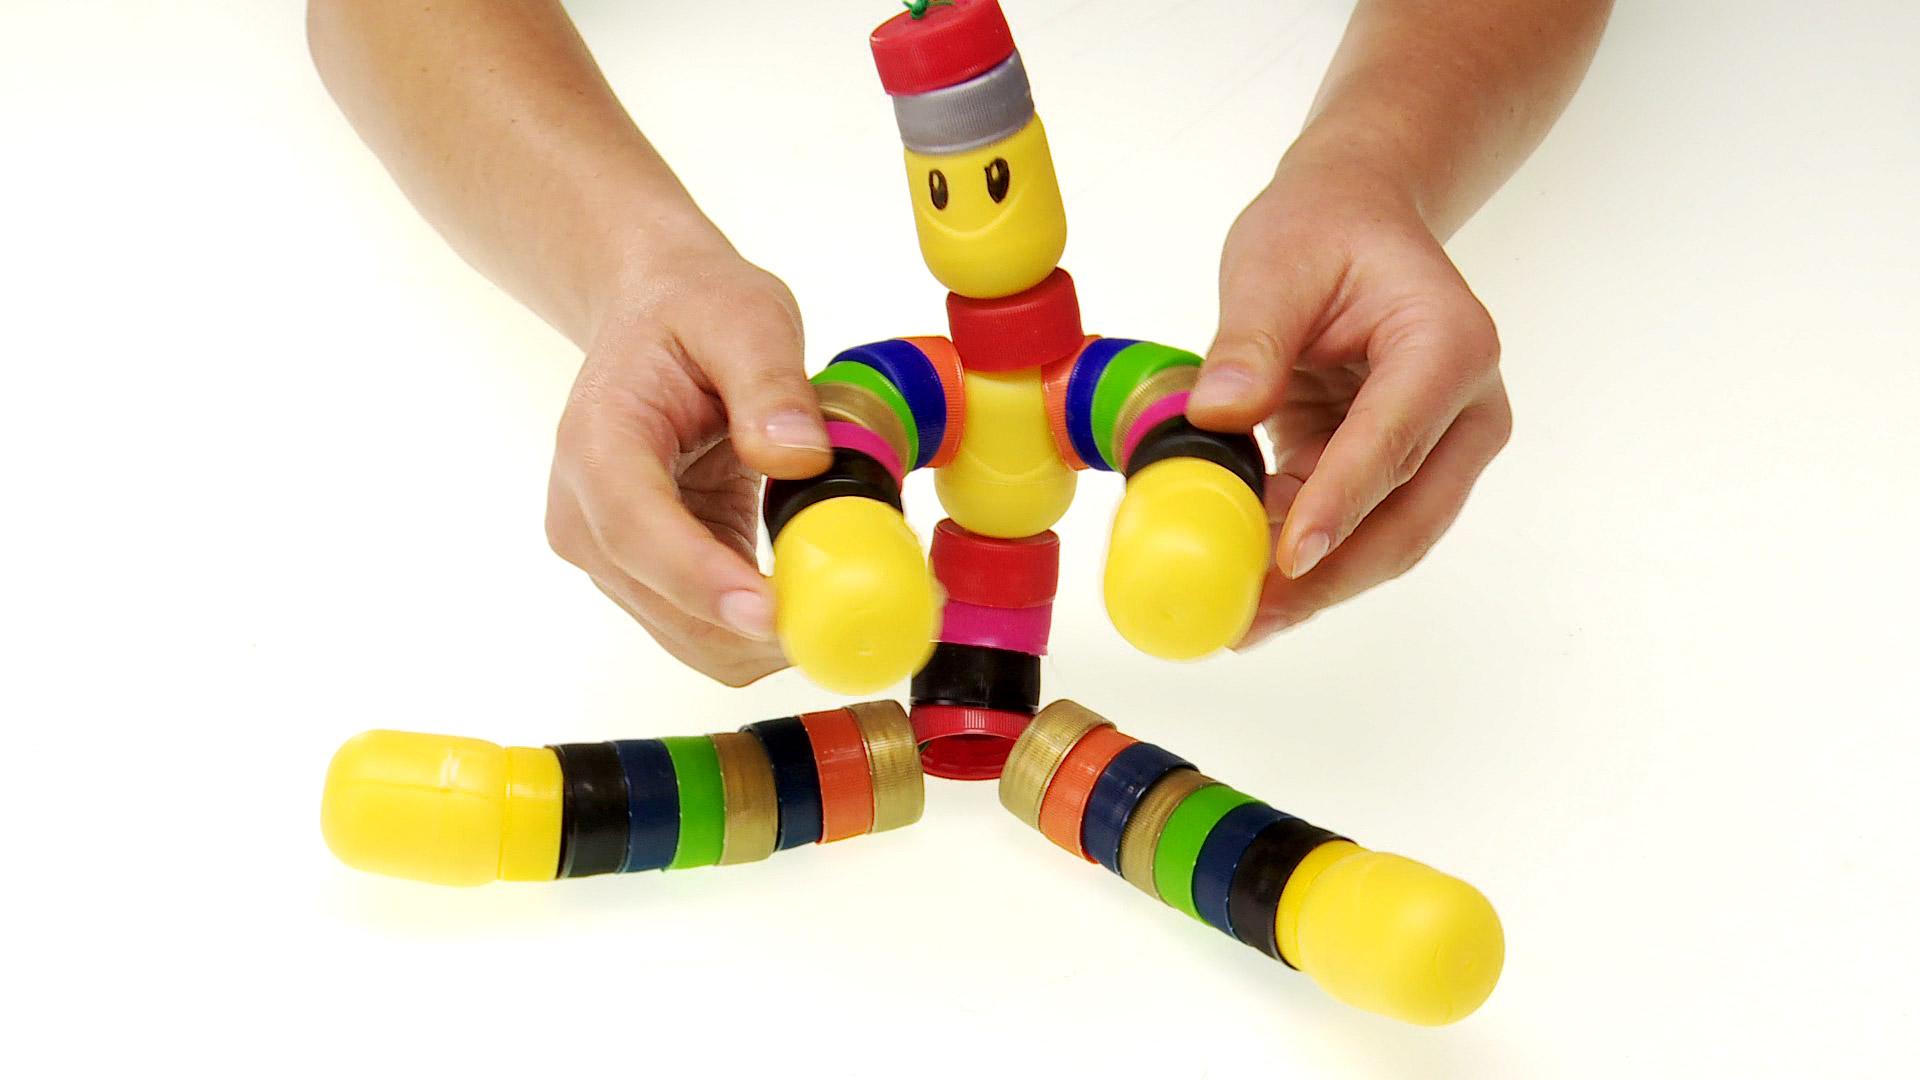 No solo reciclando podemos darle otro uso a las tapas roscas de bebida, también se pueden reutilizar, y con un poco de creatividad hacer un colorido y entretenido muñeco flexible.